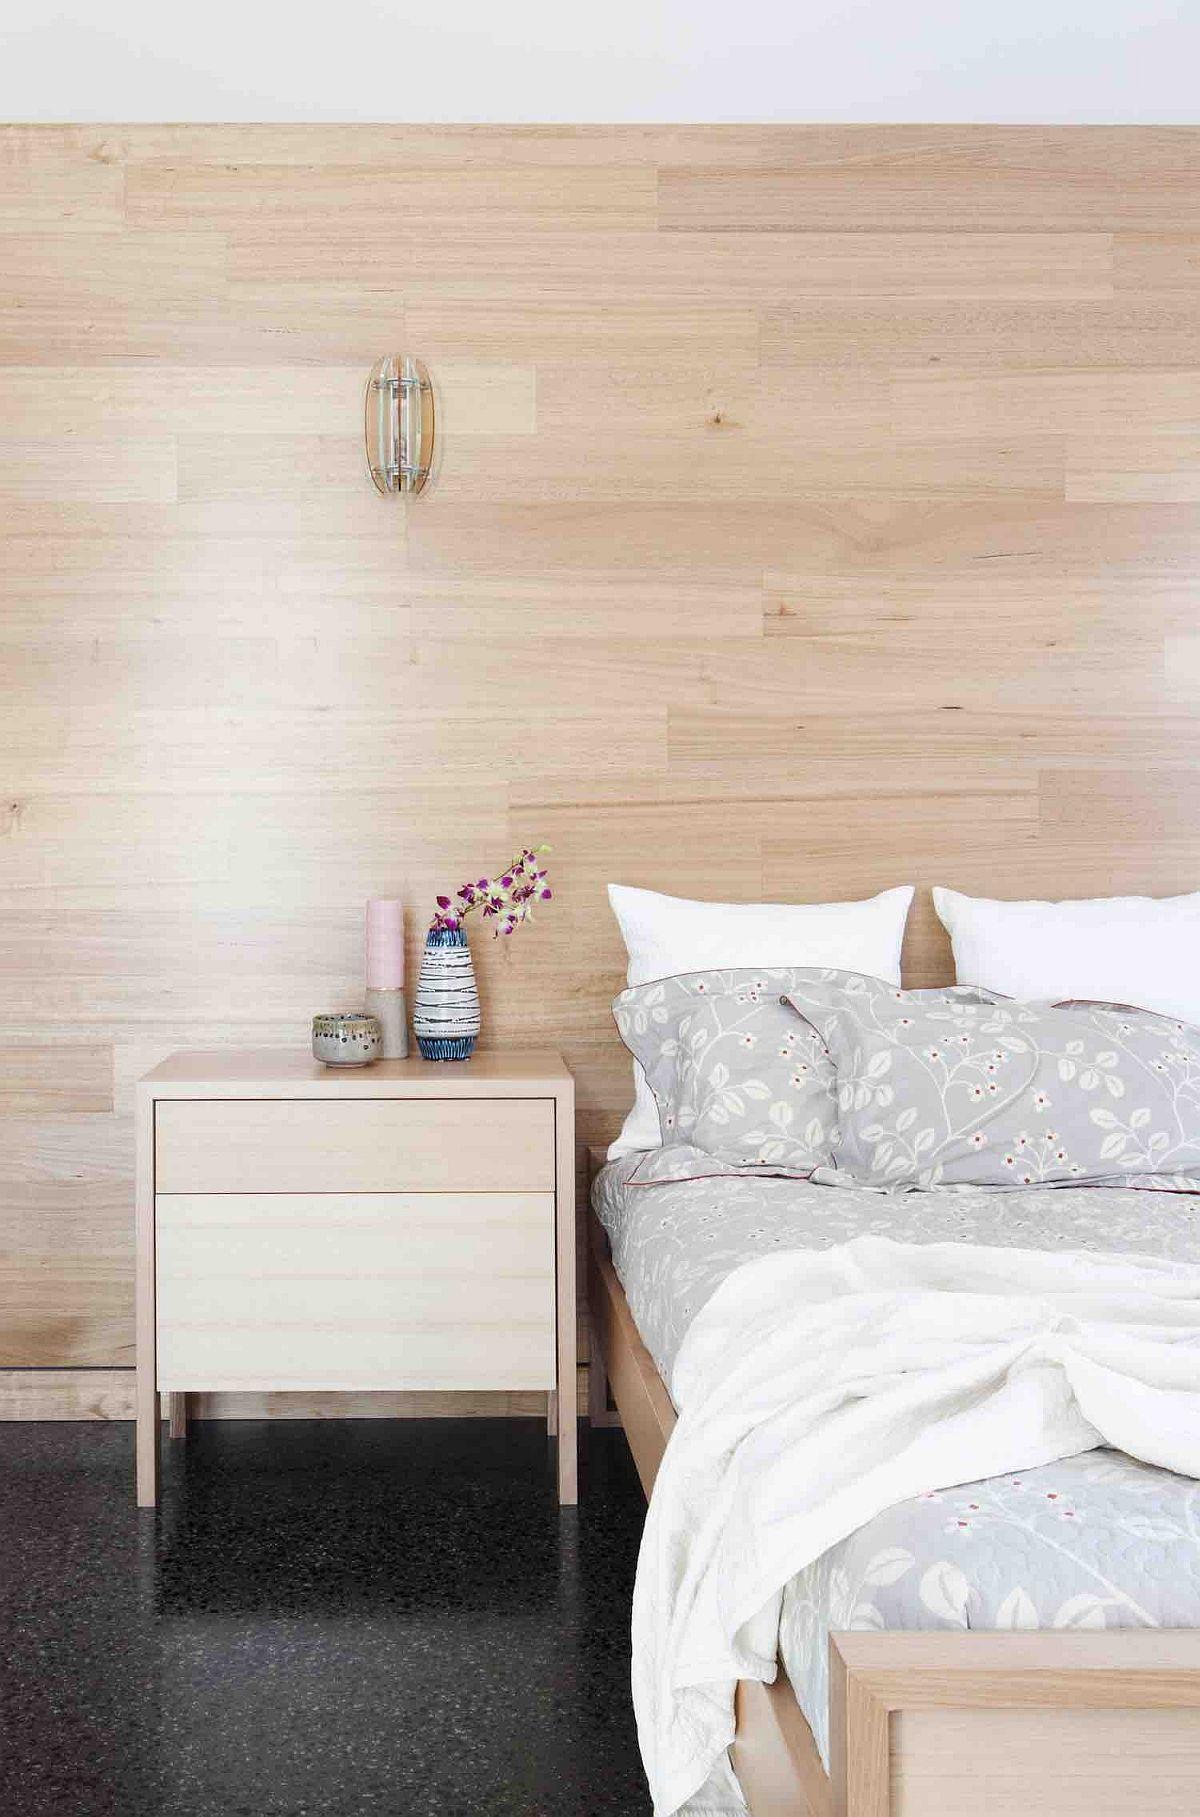 Wooden-walls-give-the-bedroom-a-cozy-Scandinavian-look